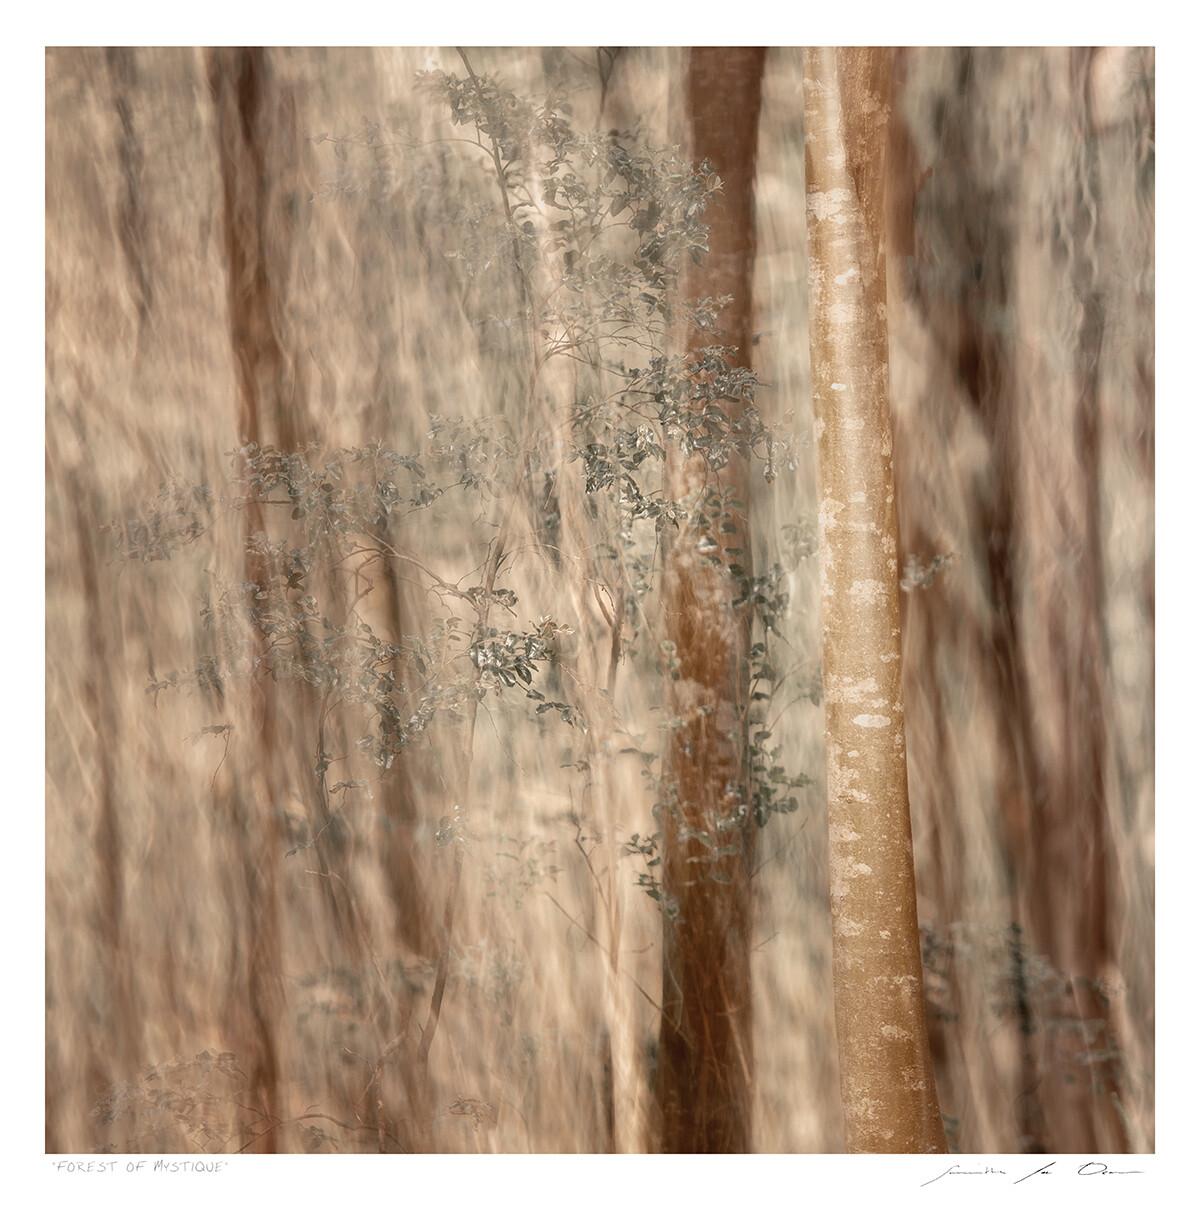 Forest of Mystique | Ed 25 | Samantha Lee Osner